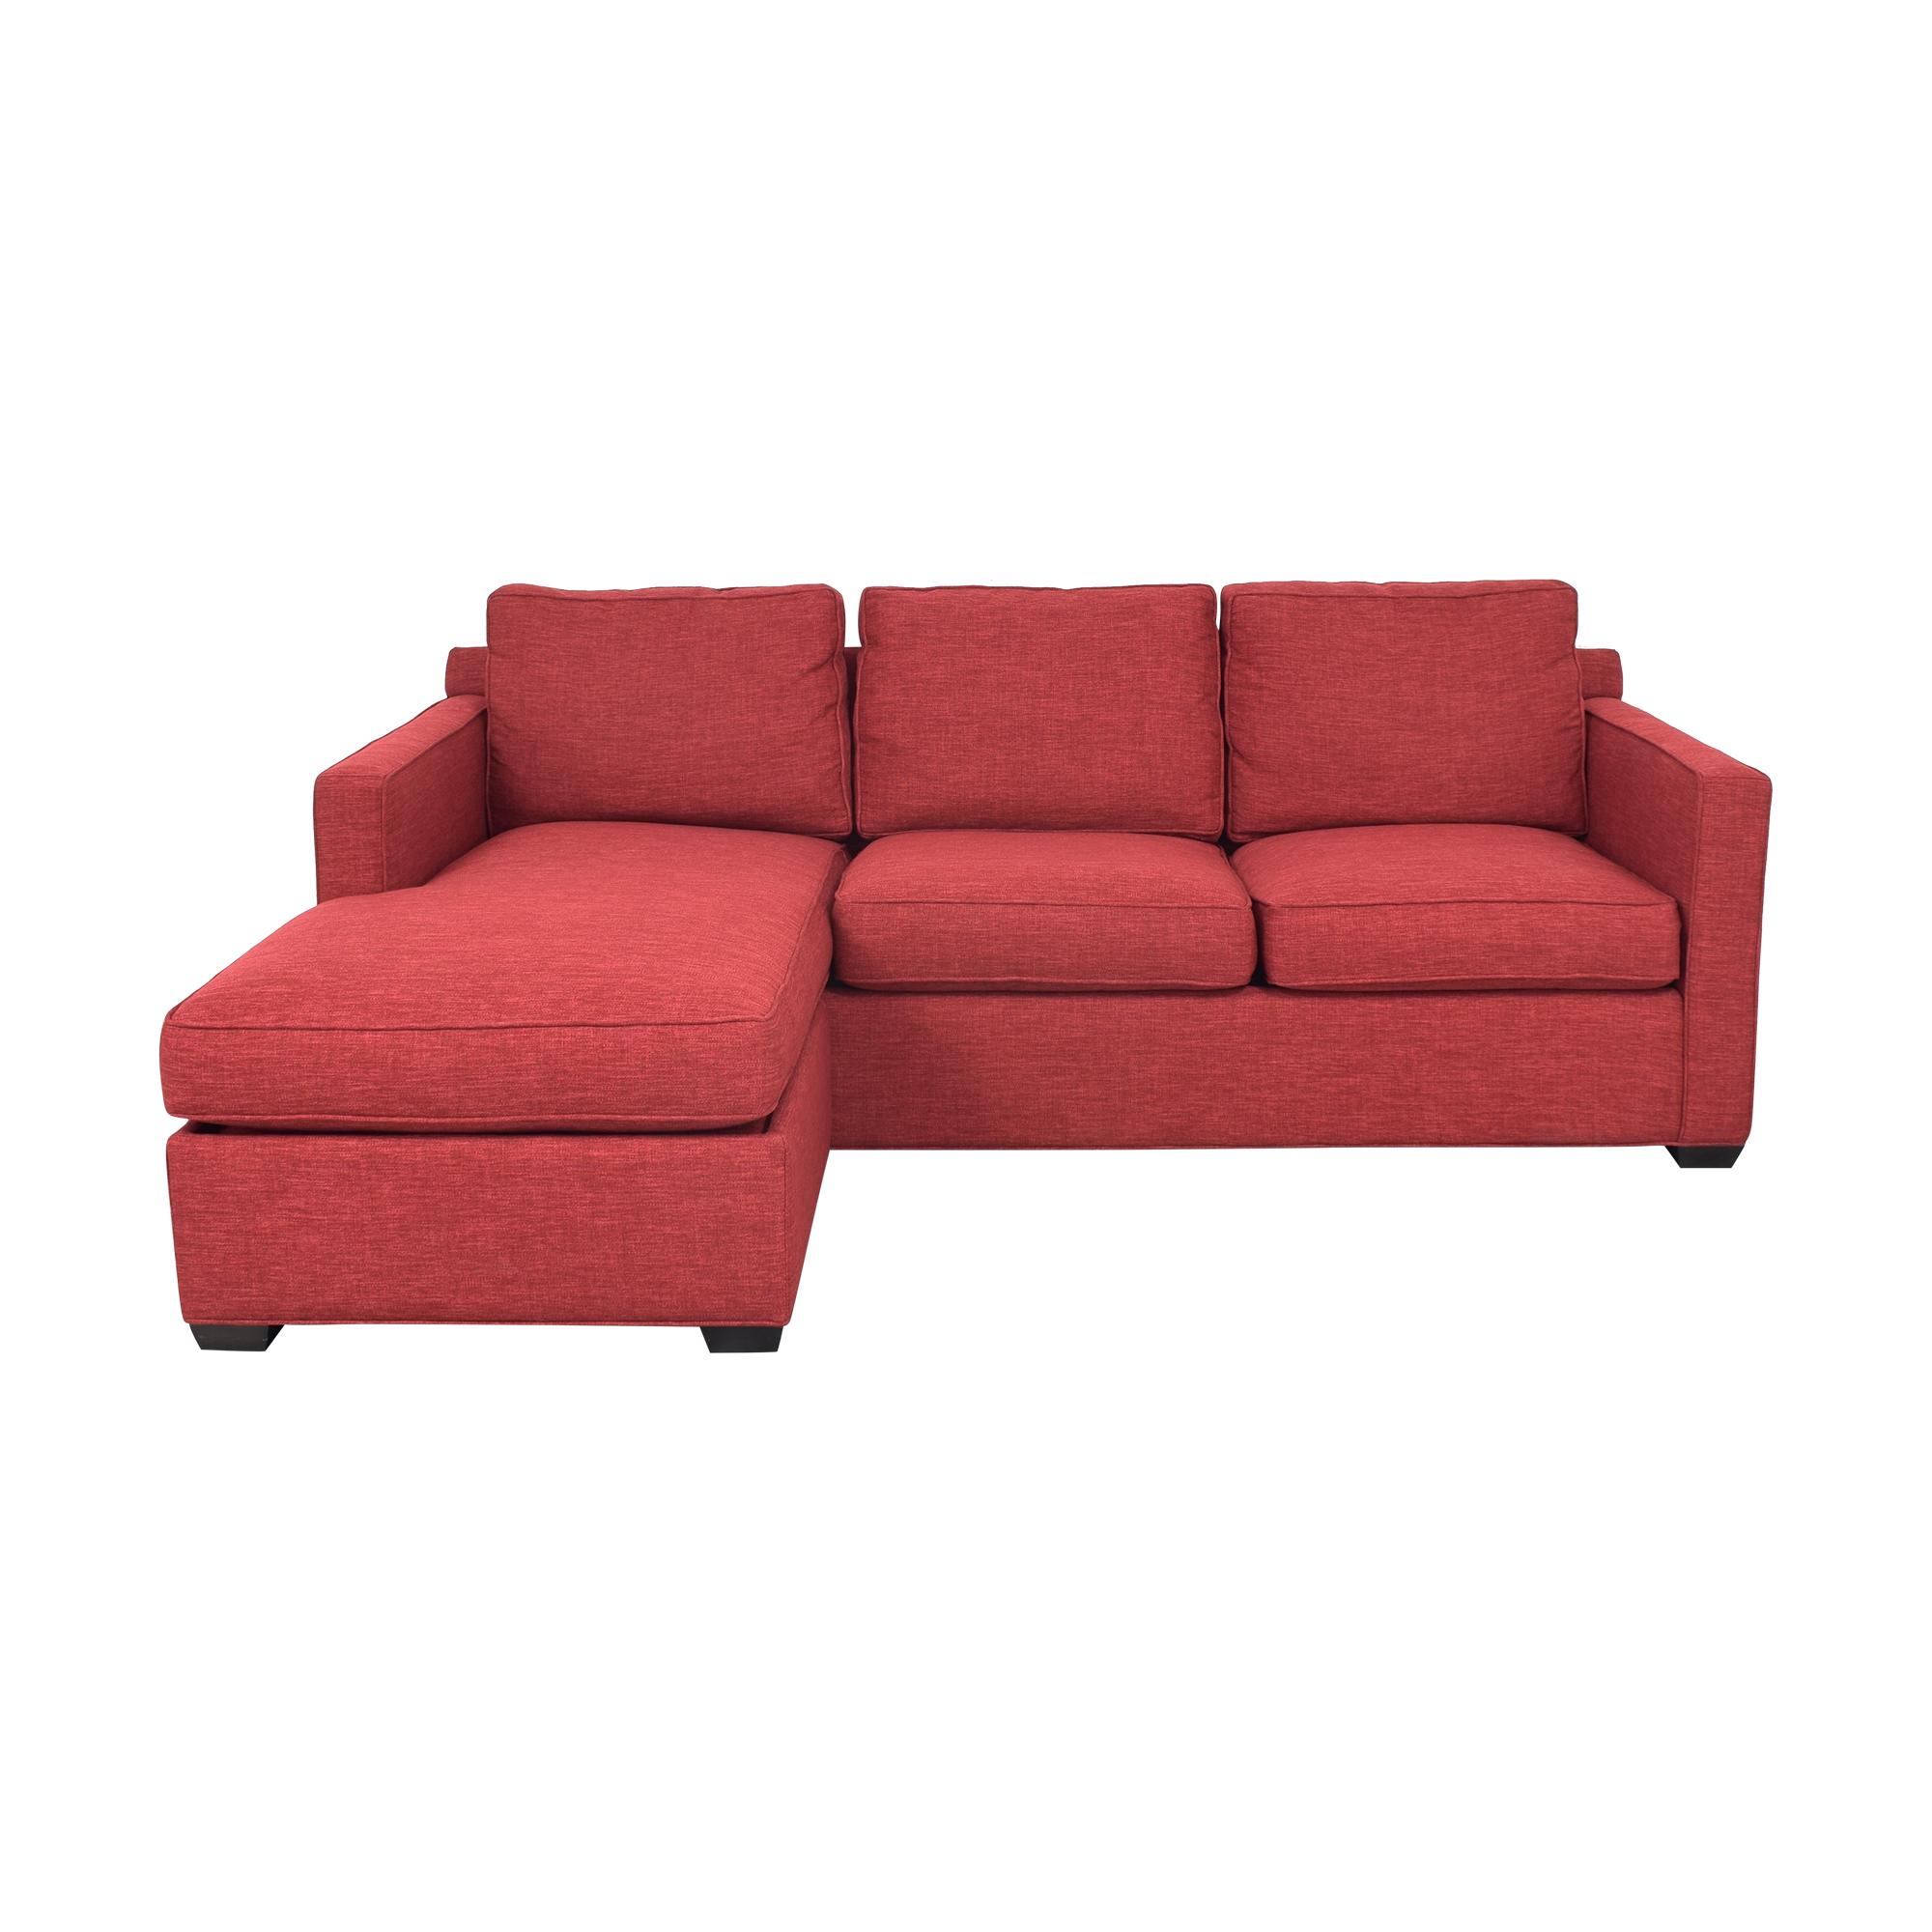 Crate & Barrel Crate & Barrel Davis 3-Seat Lounger Sofa on sale